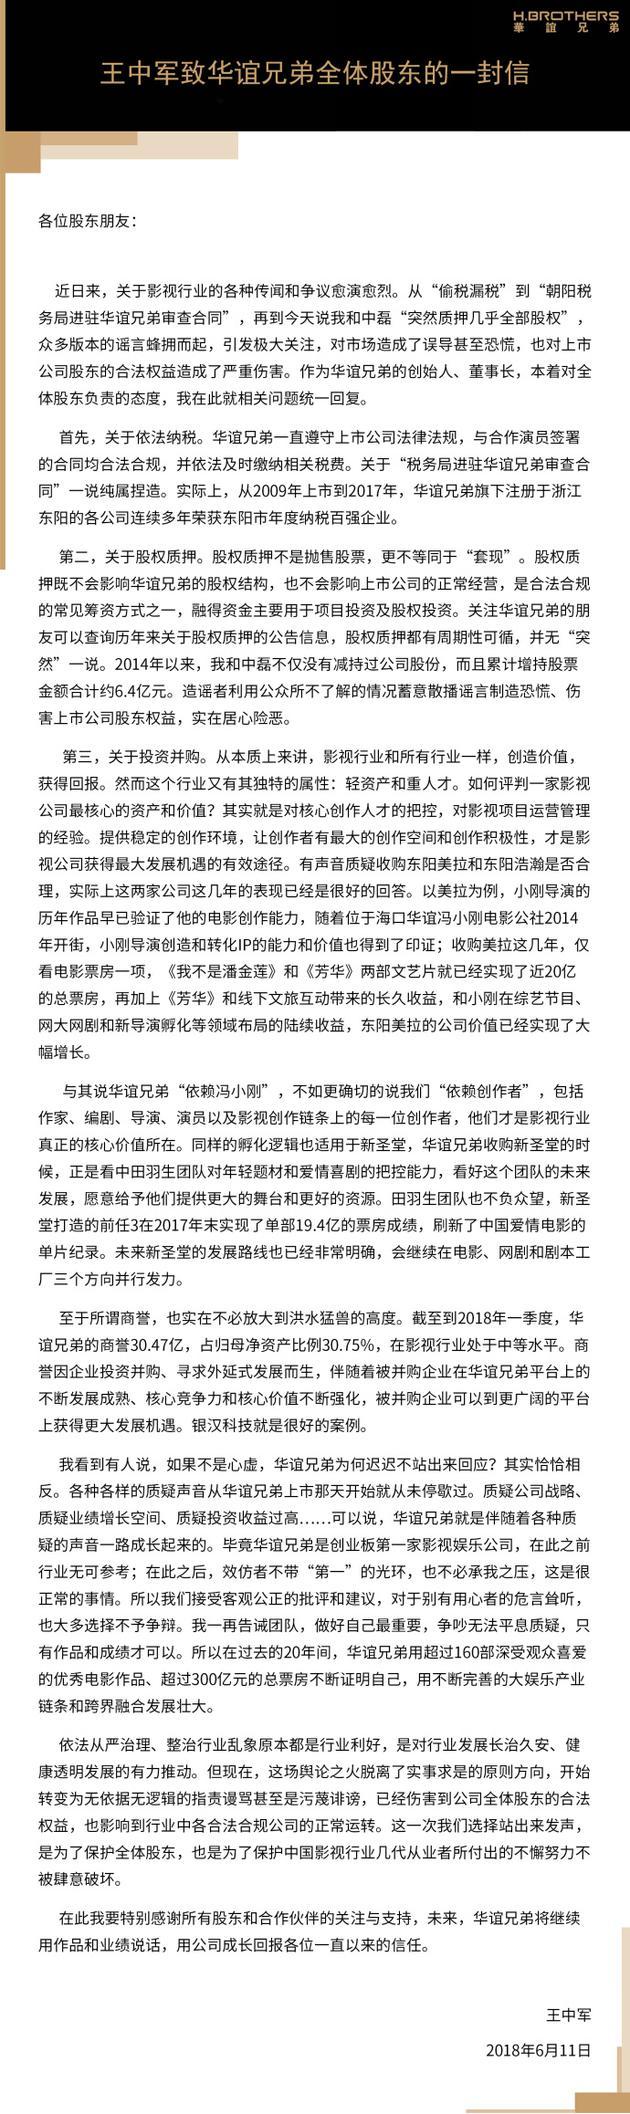 王中军致信华谊股东